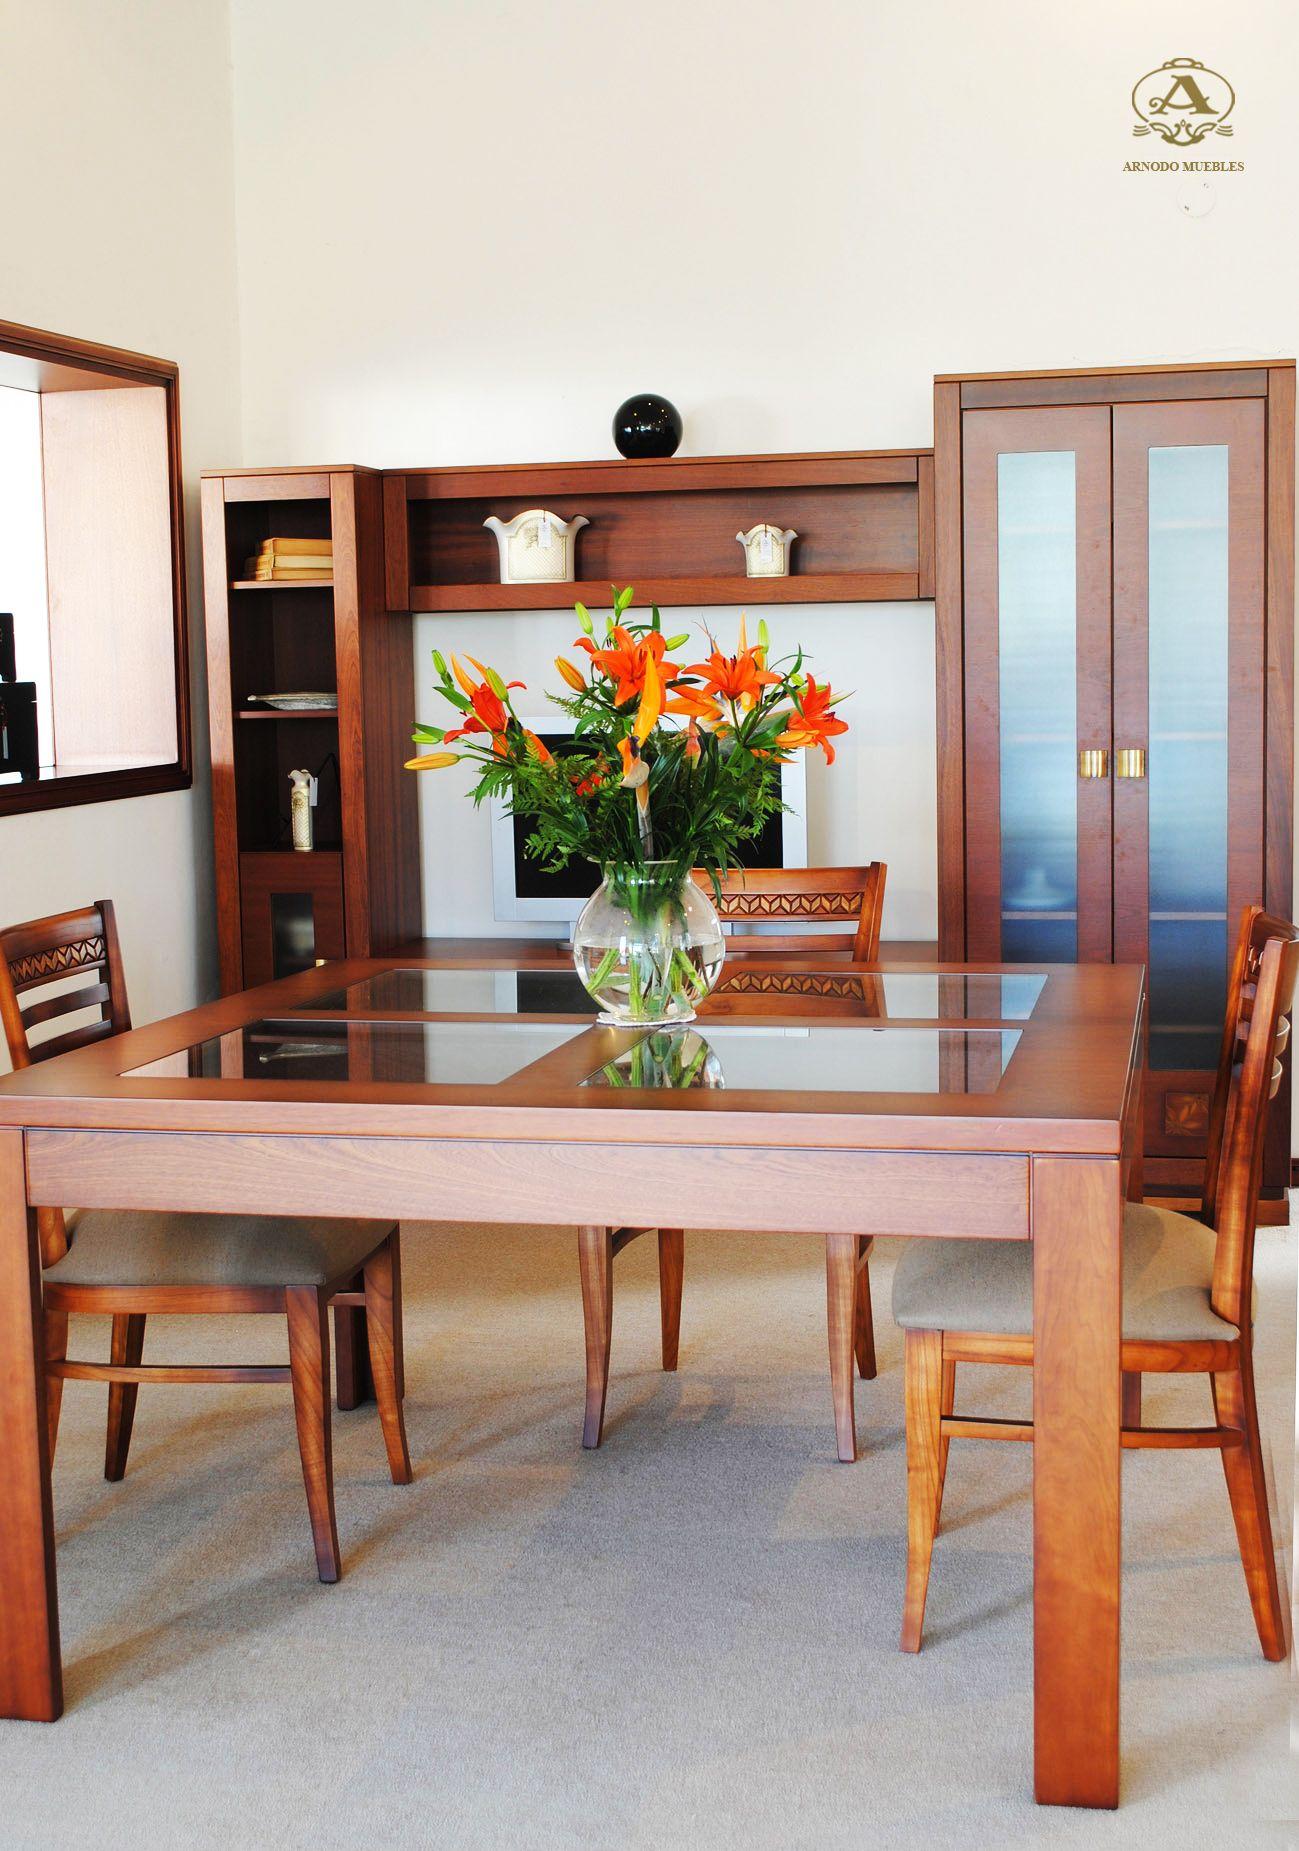 Comedor mesa aero cuadrada con vidrio Para tu espacio